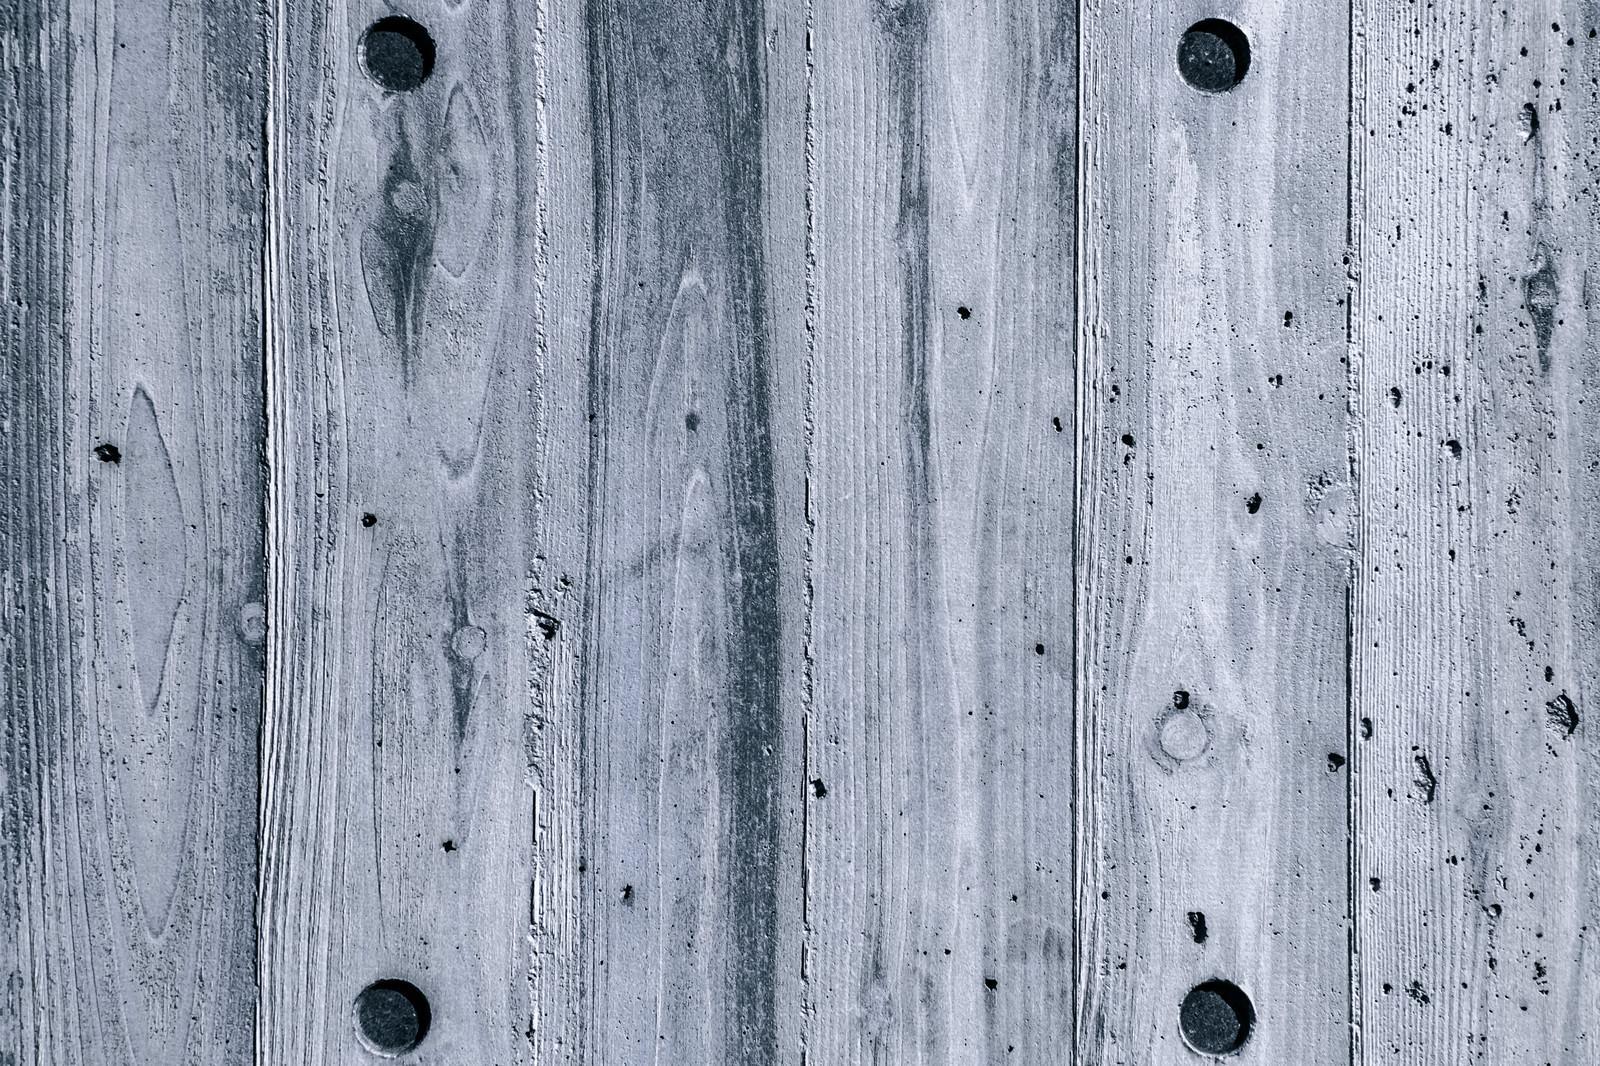 「白い板のテクスチャー」の写真